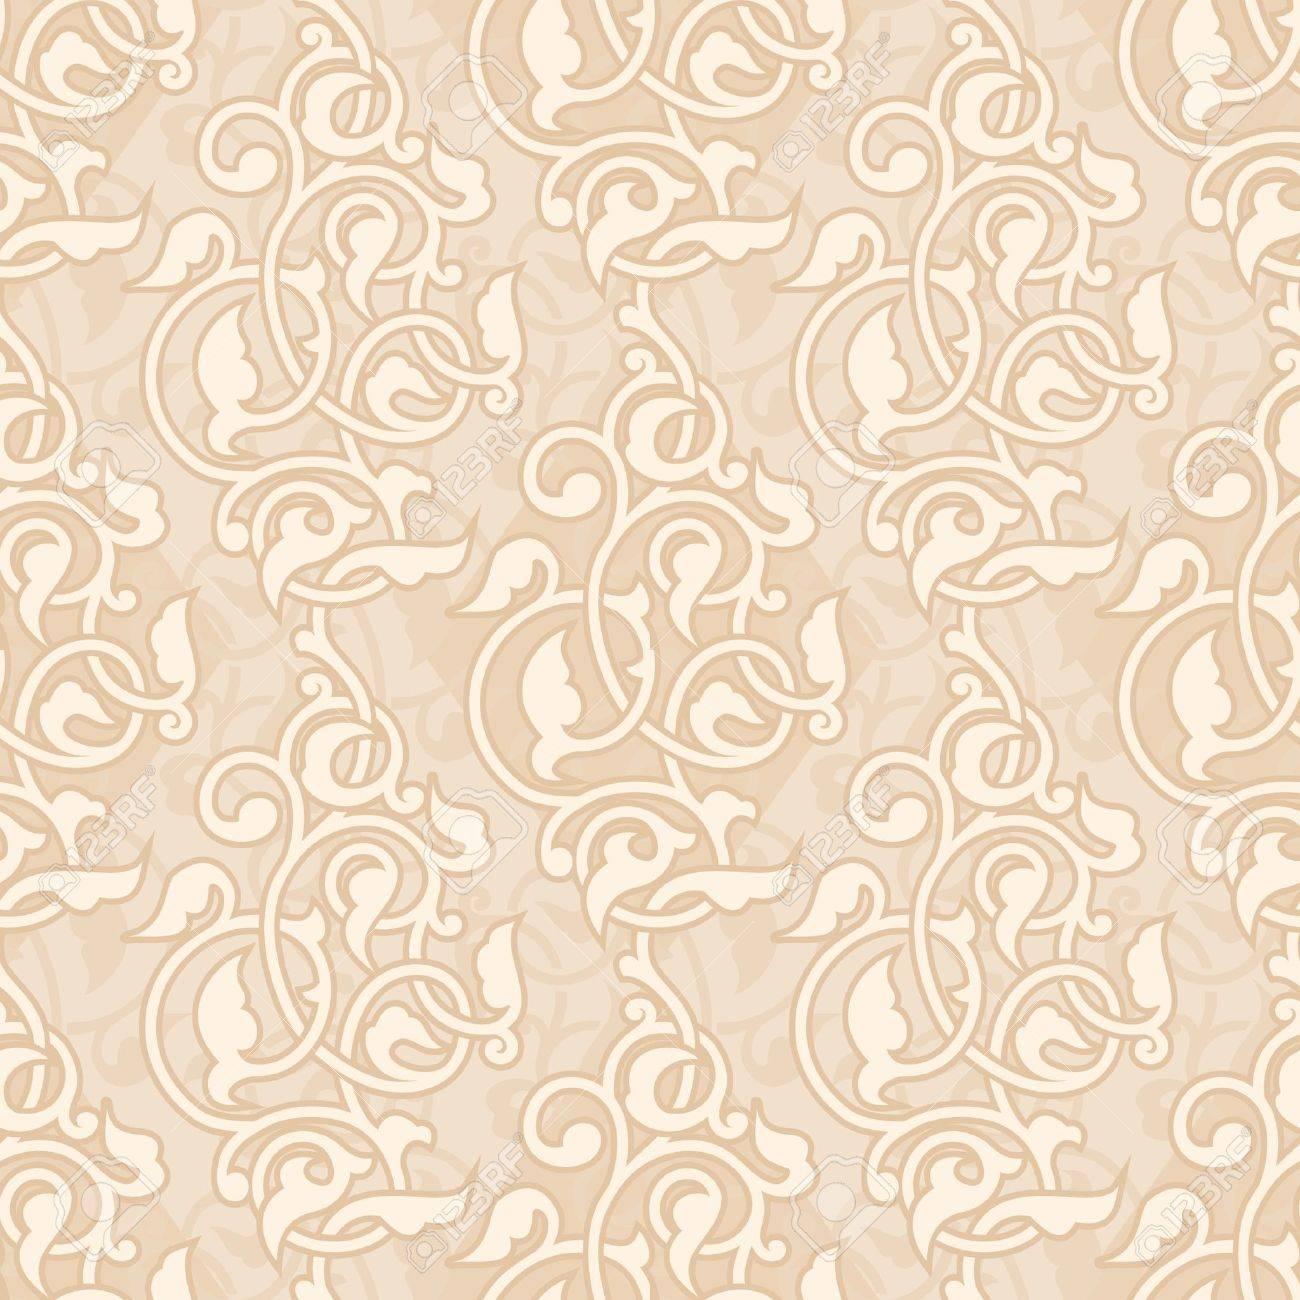 アジア装飾用のシームレスな壁紙のイラスト素材 ベクタ Image